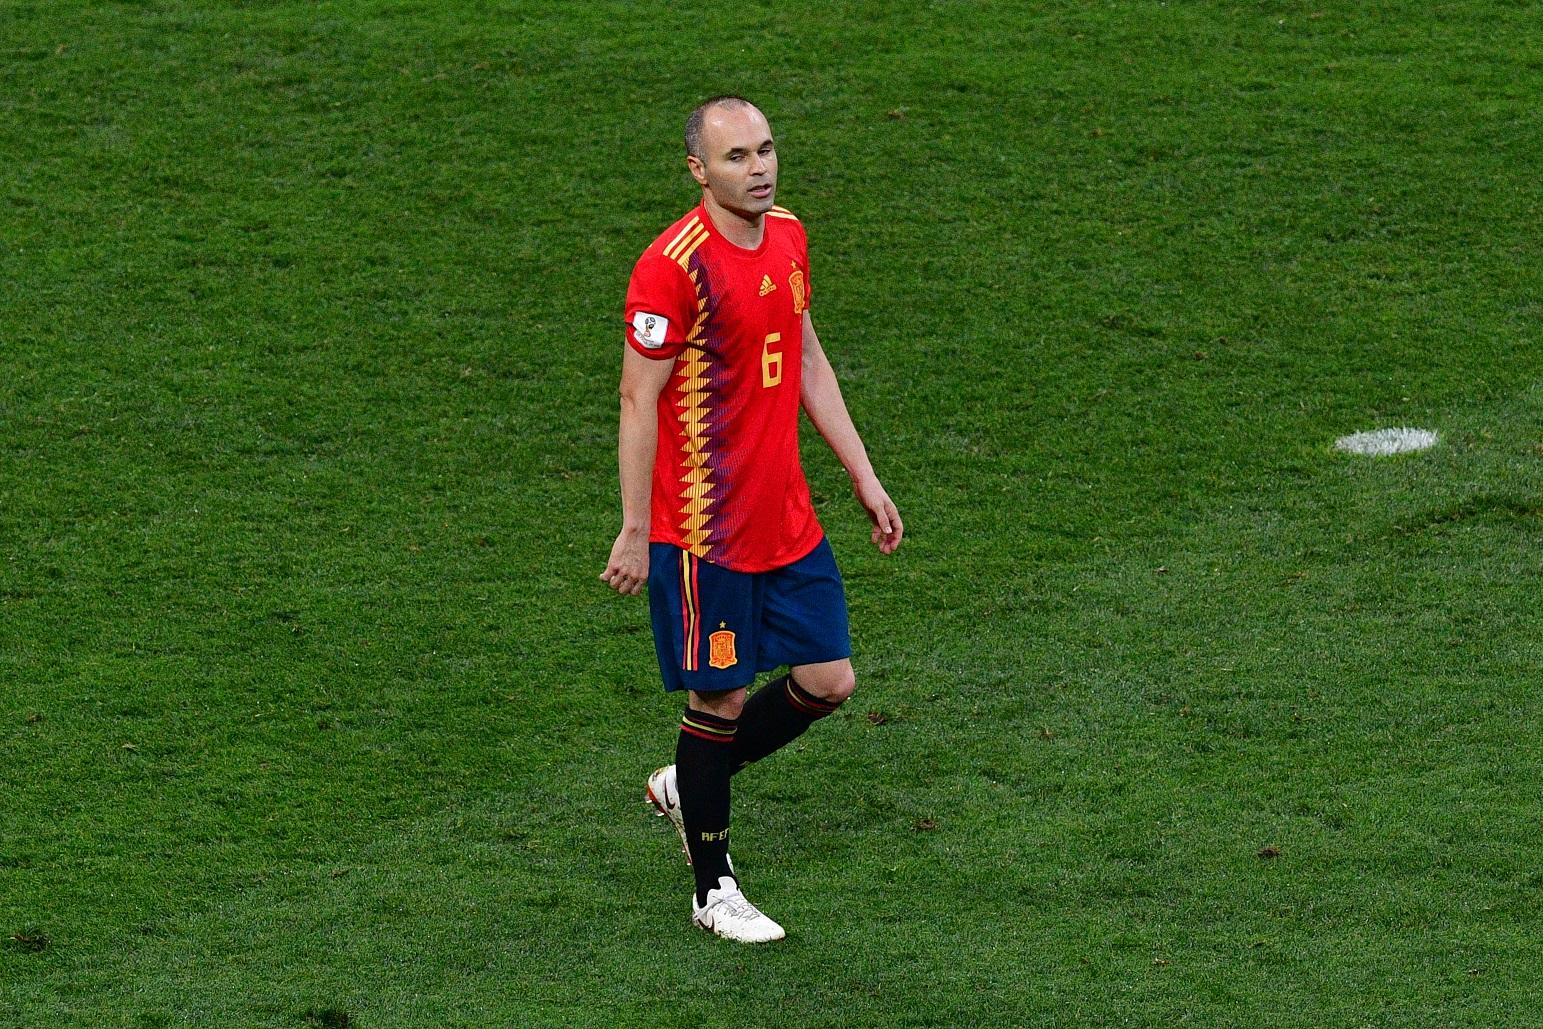 Iniesta visszavonul a válogatottságtól